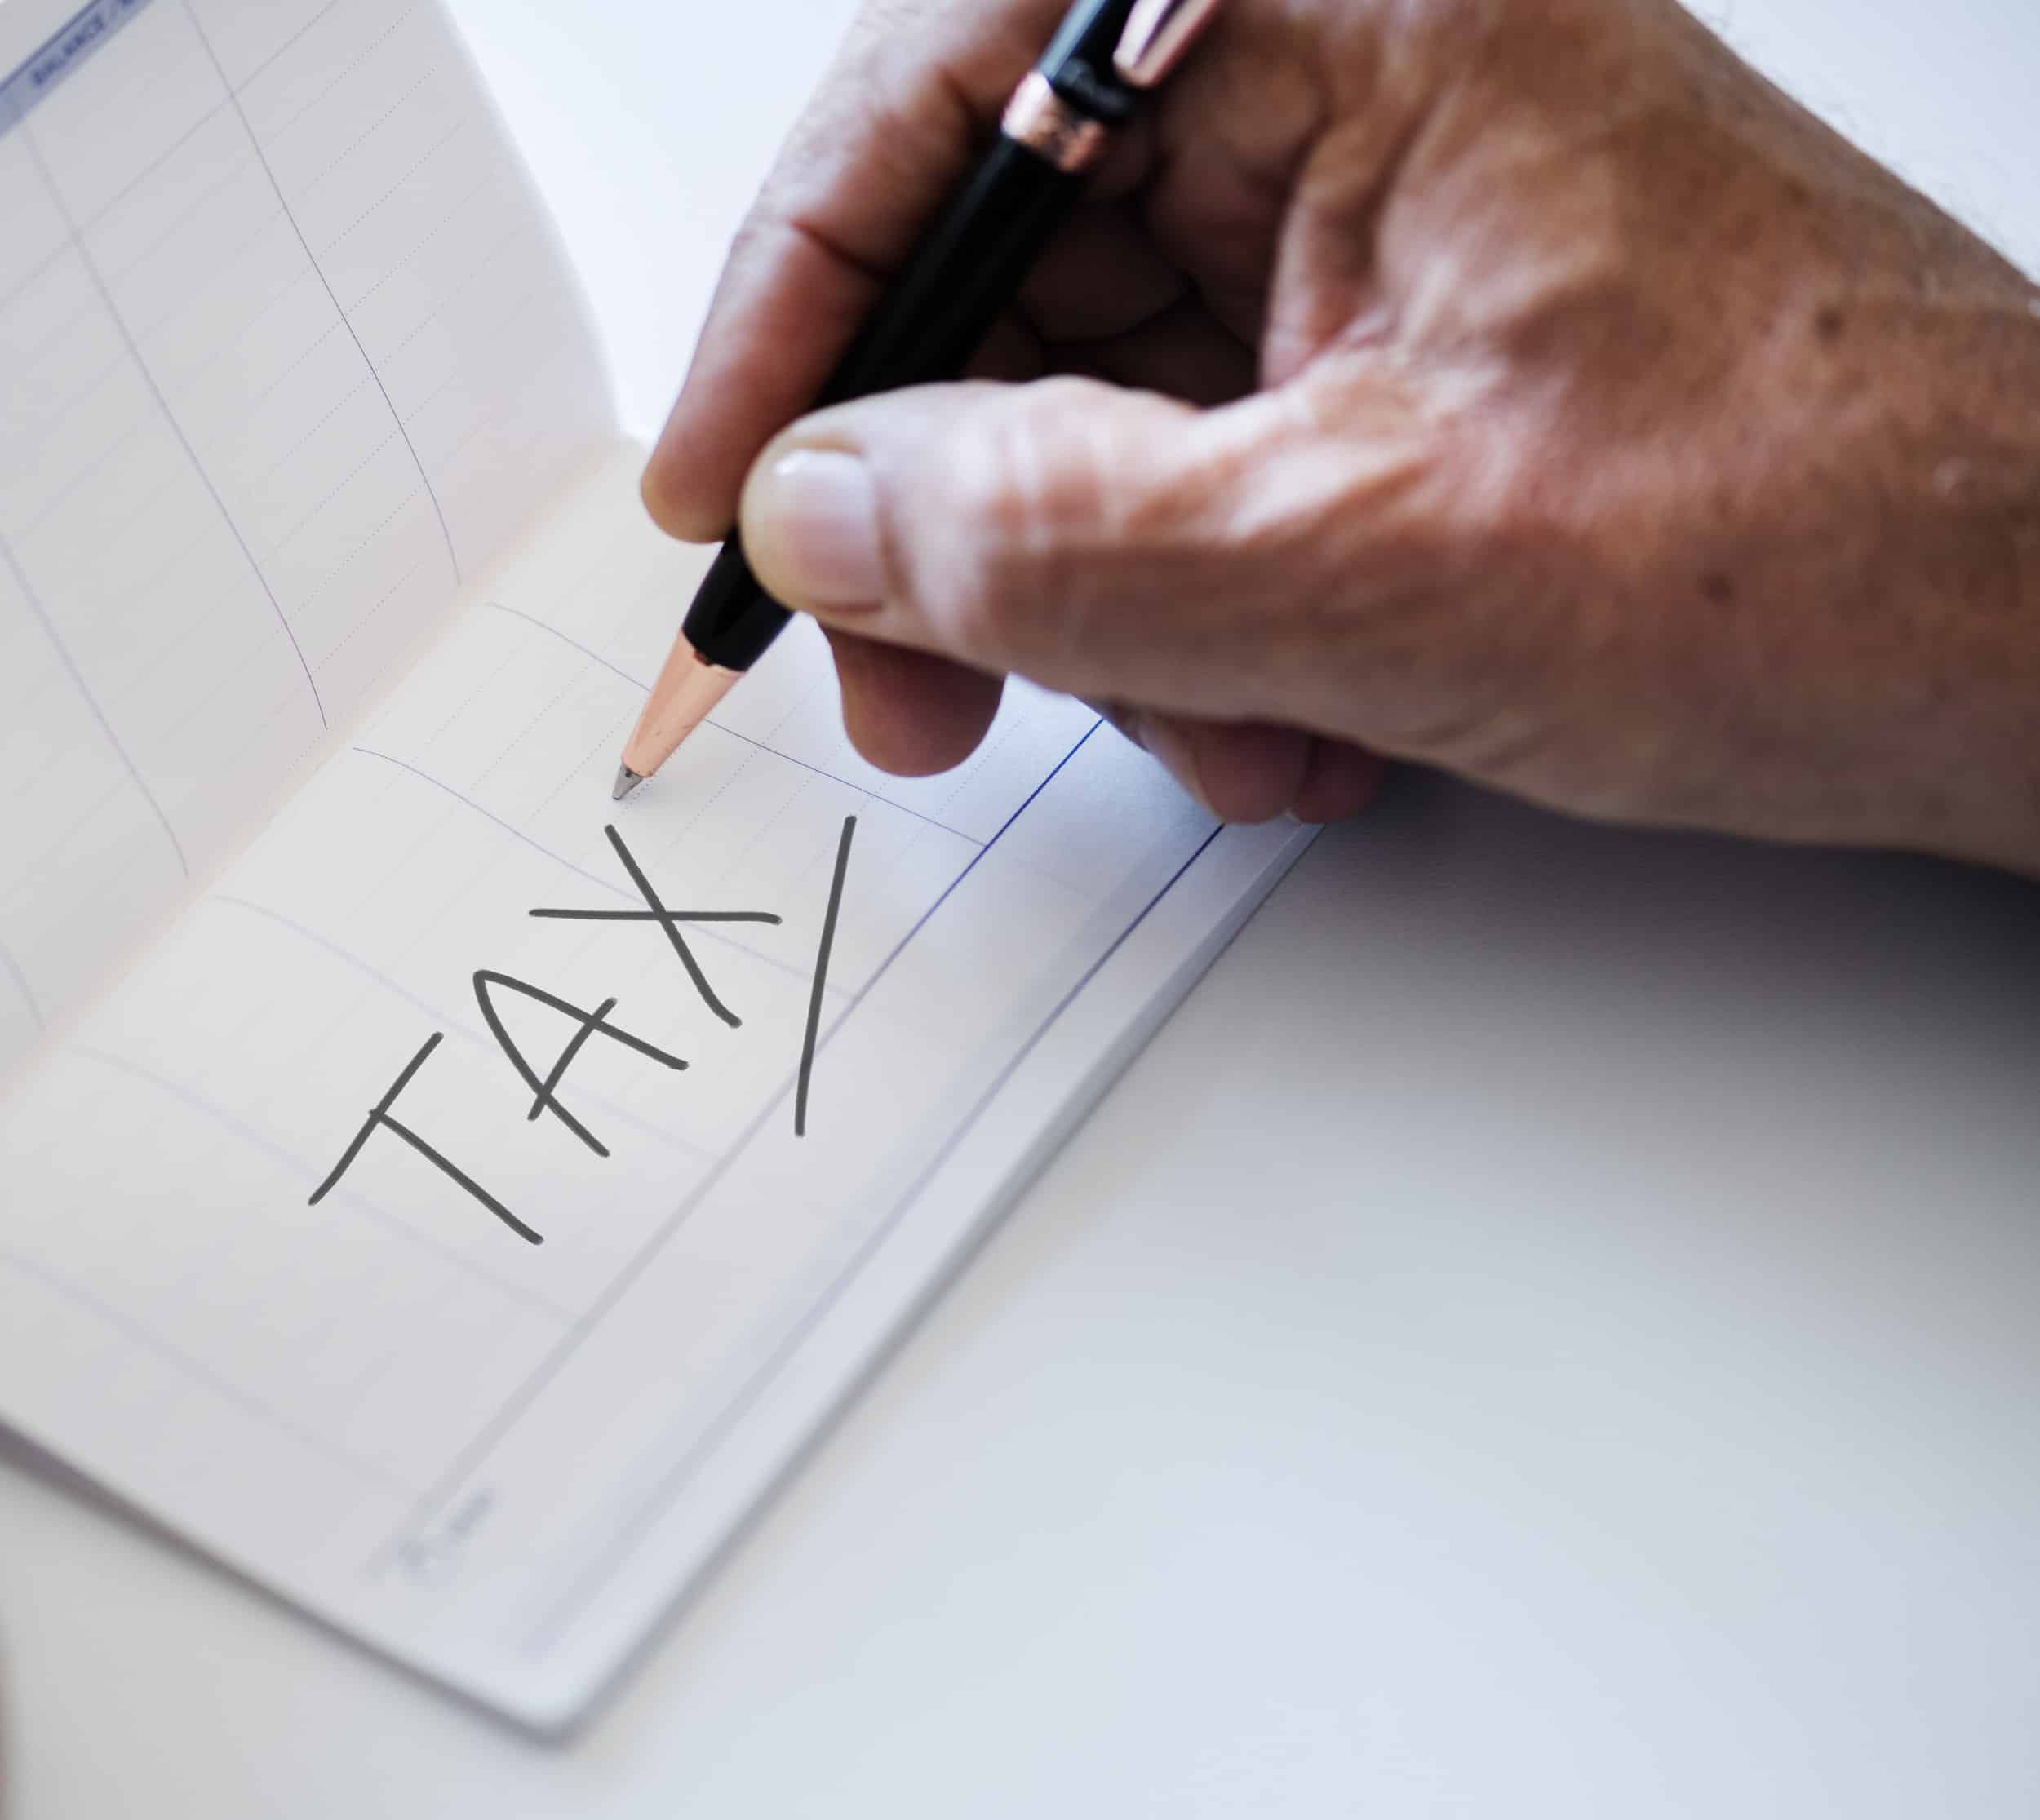 kansspelbelasting betalen